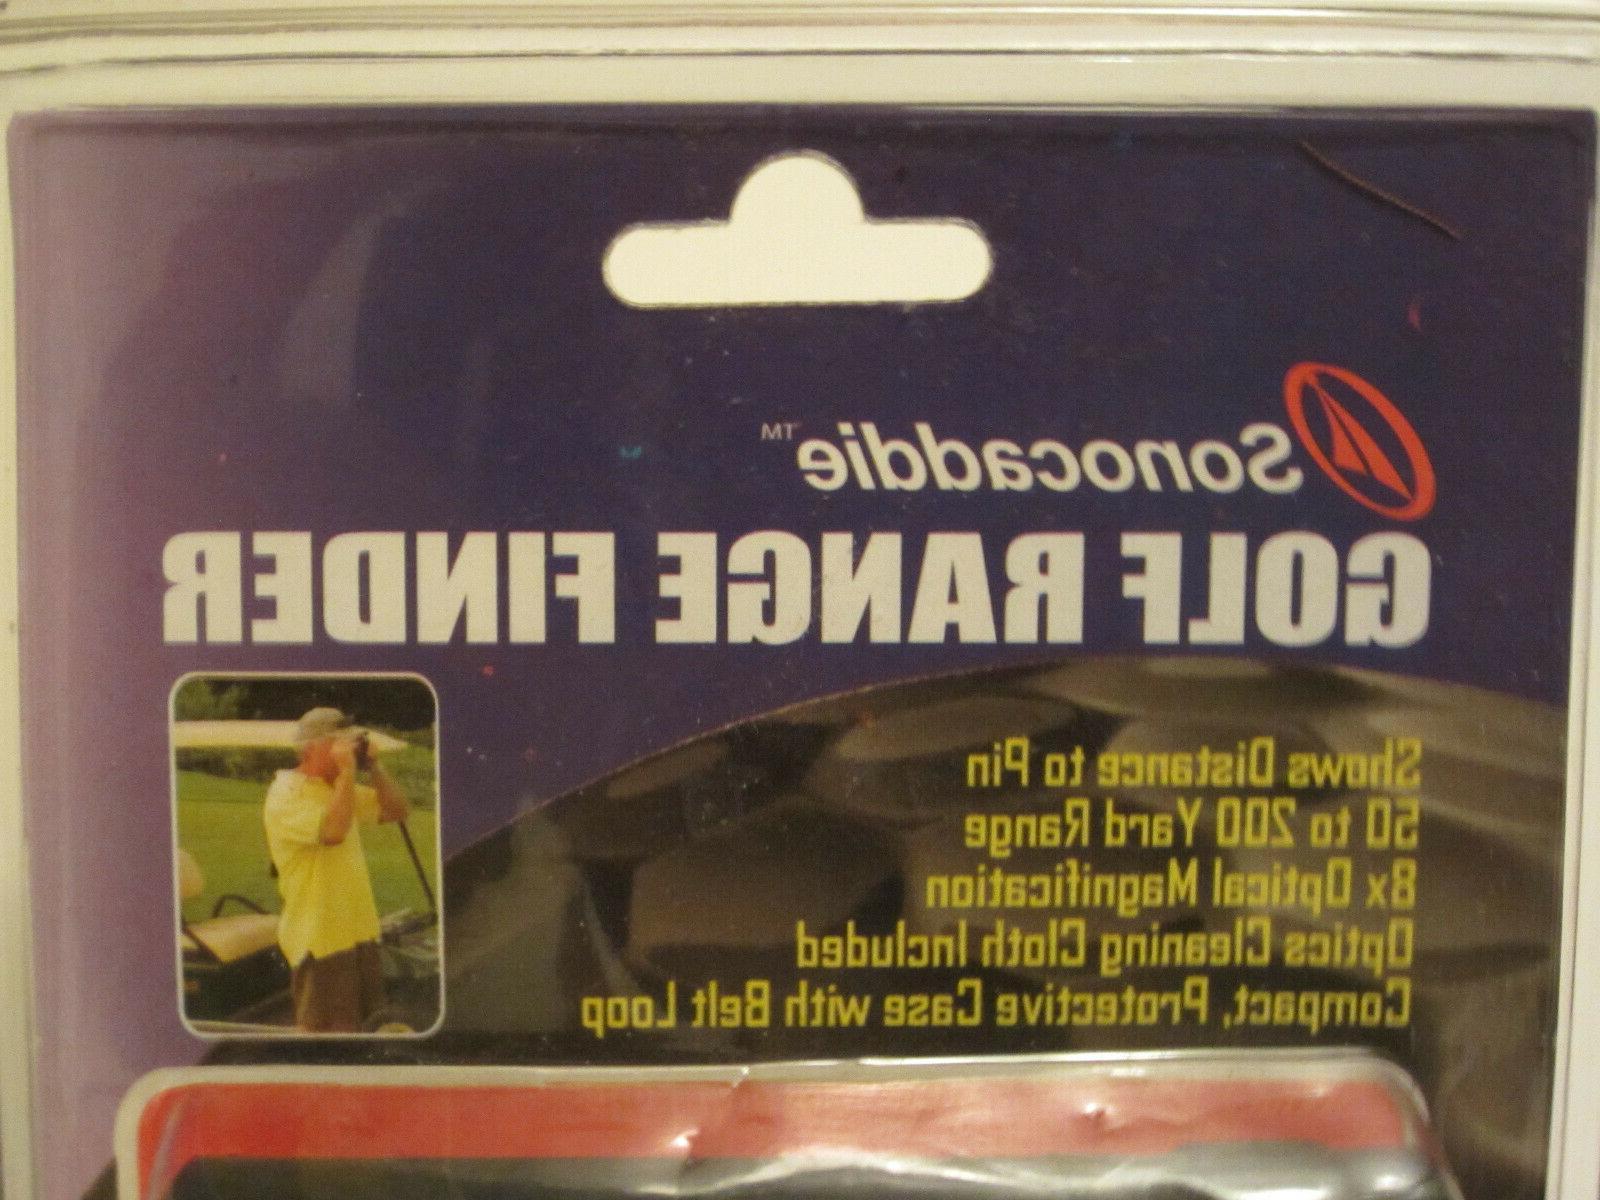 New Sonocaddie Golf Range Finder Optical Magnification 50 Yard Range